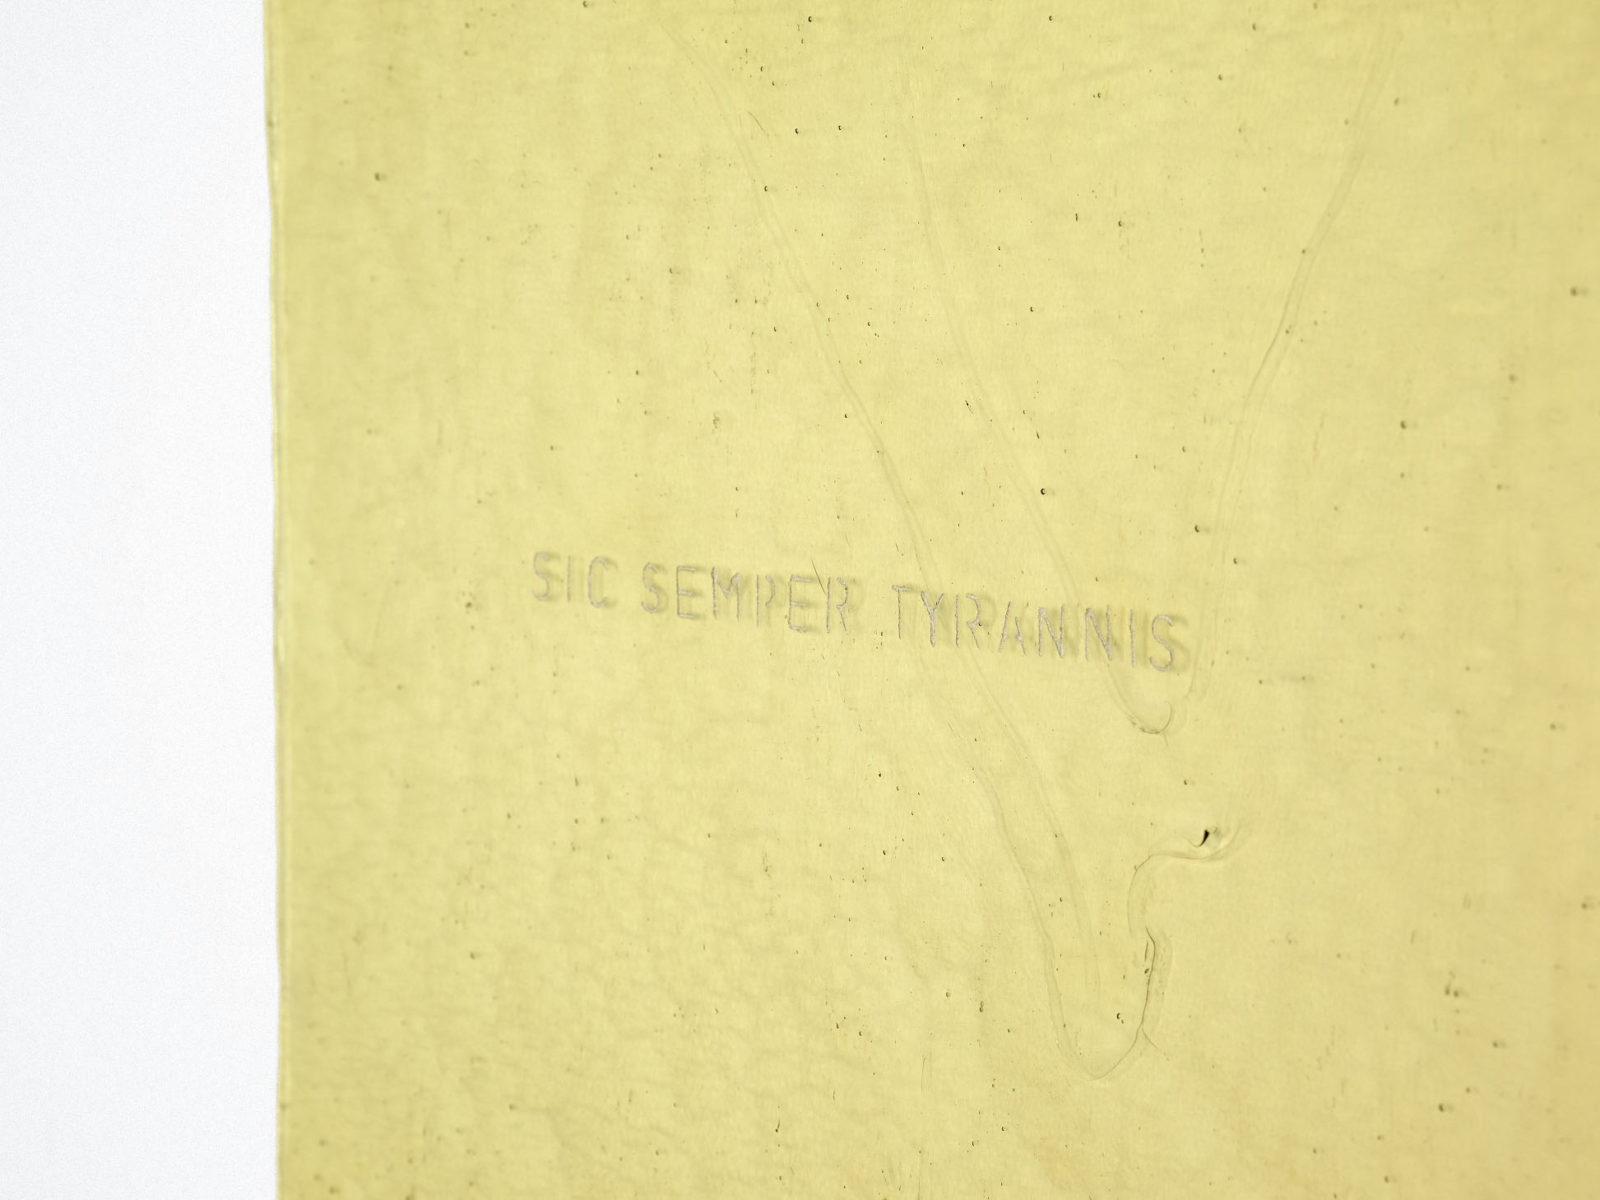 Penzo+Fiore, Rifrazioni diacroniche (Sic semper tyrannis), 2019, engraved glass plate, ph. G. Cecchinato